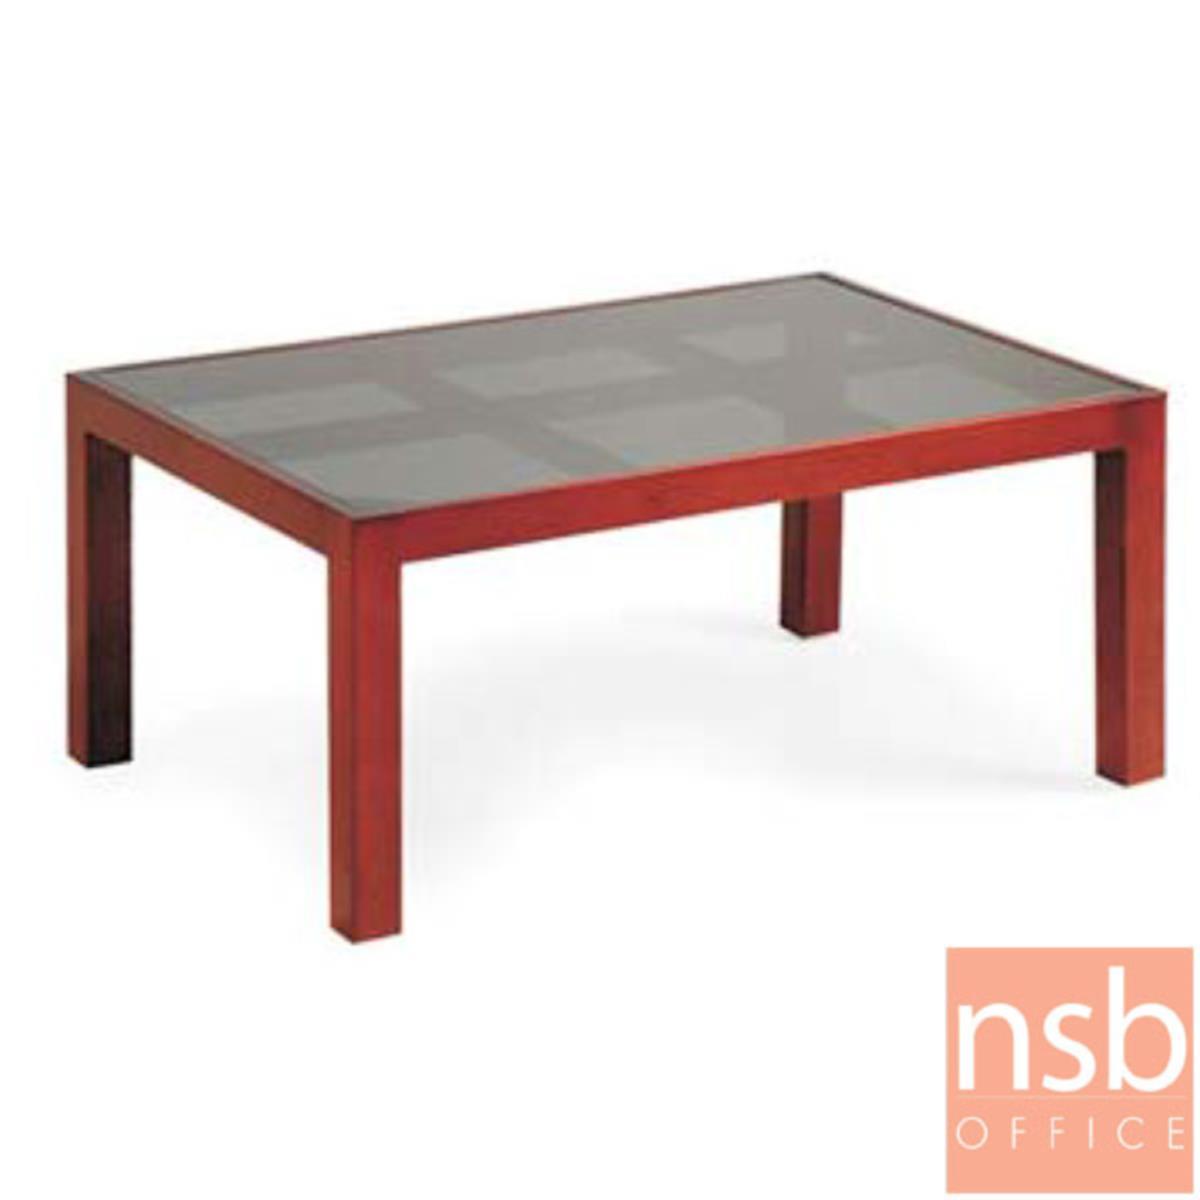 B13A255:โต๊ะกลางกระจกสีชา รุ่น TB-3 ขนาด 90W cm.  โครงไม้ยางพารา